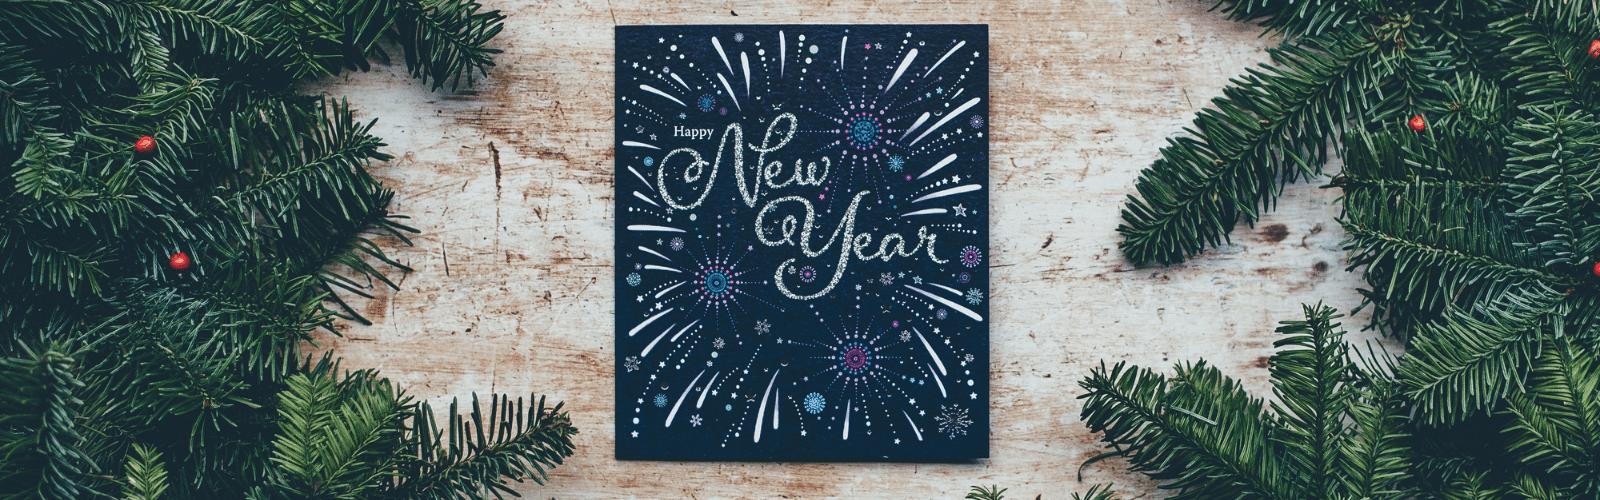 DIY: 10 idées de cartes de vœux pour noël et nouvel an